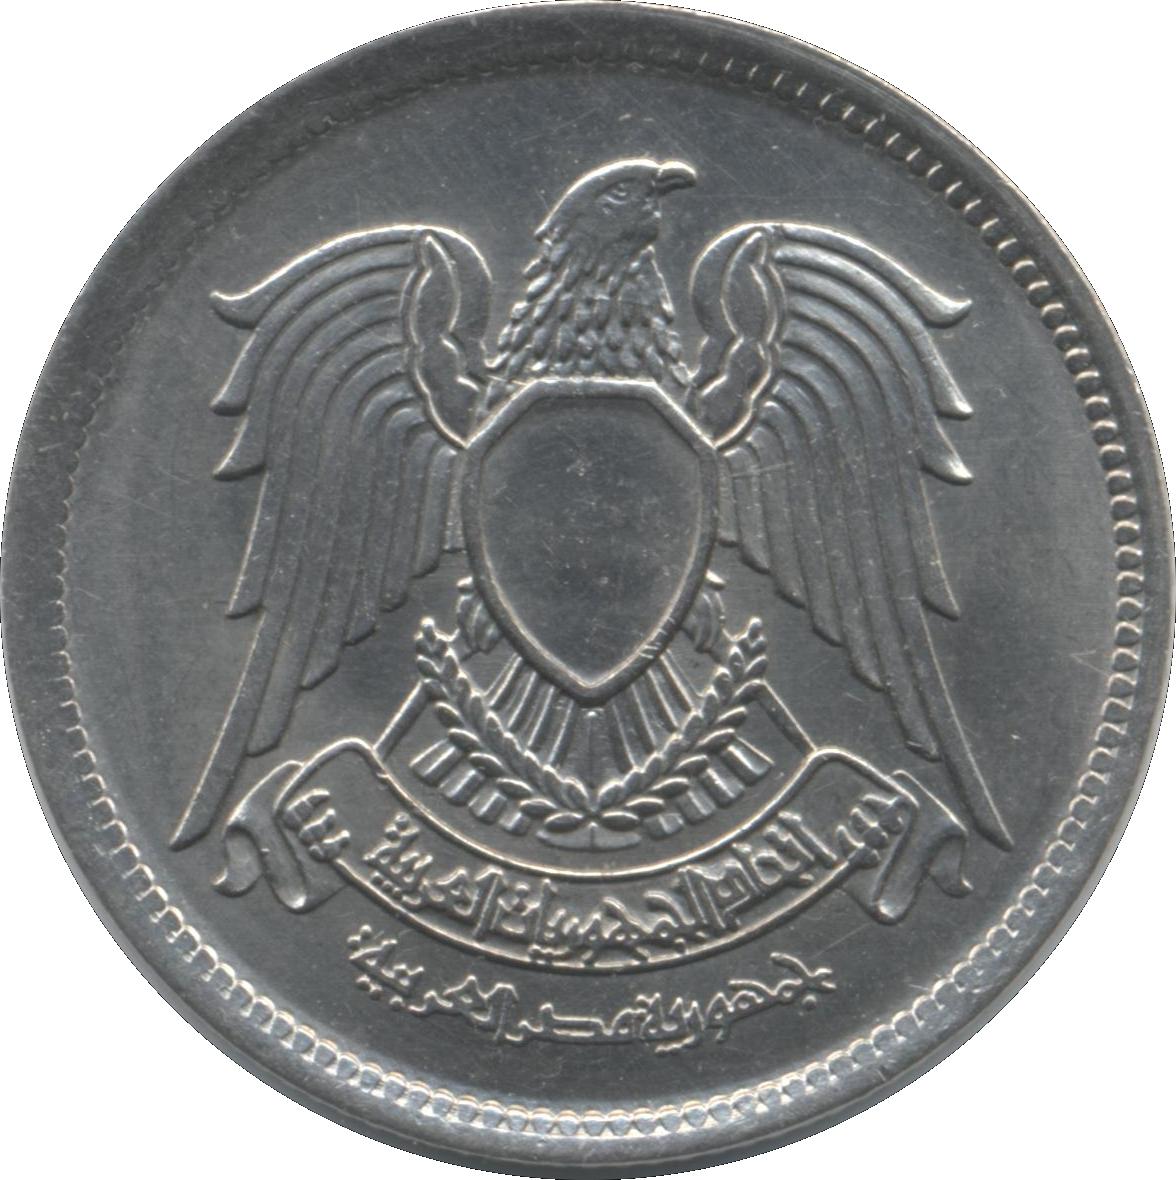 Etat Egypt Egypte 10 Piastres 1392-1972 Spl